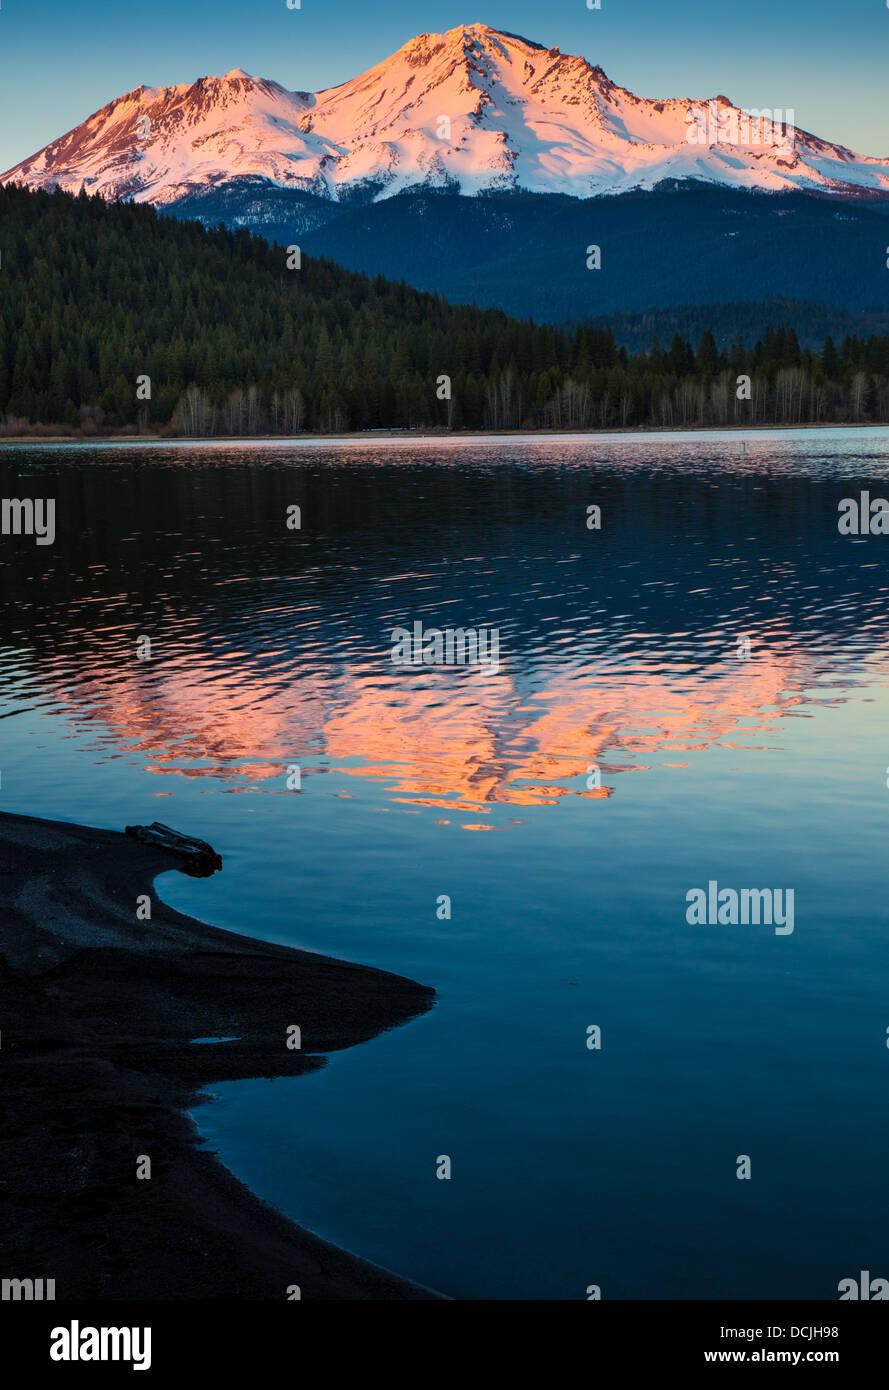 Monte Shasta reflejando en el cercano lago Siskiyou, California Foto de stock